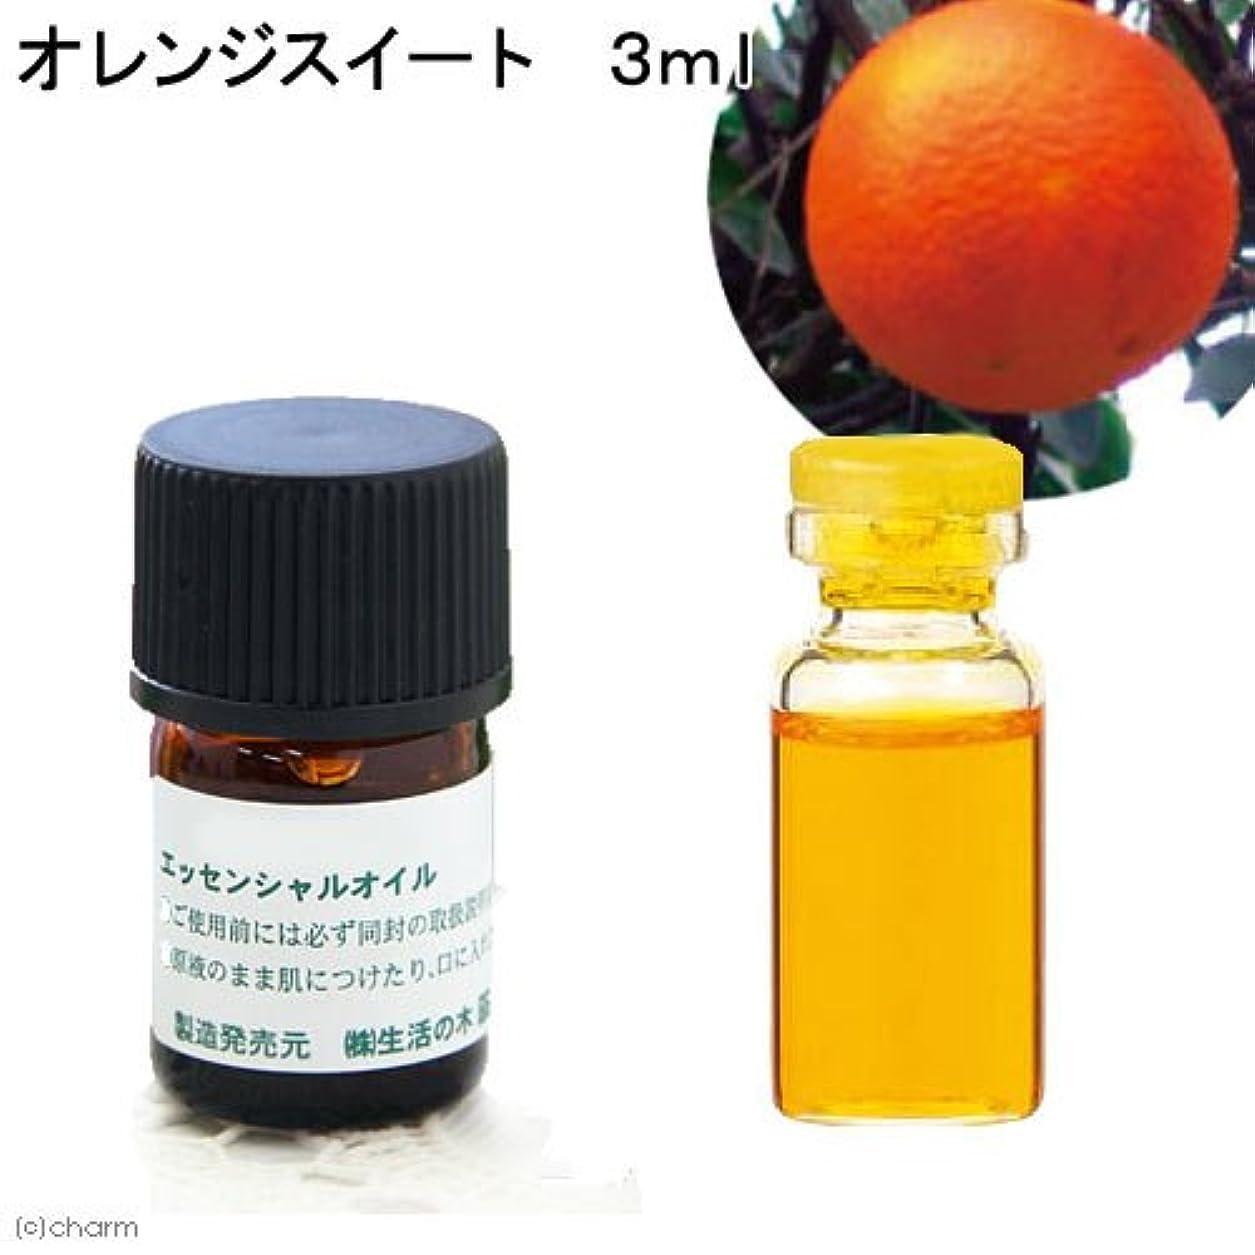 石膏彼カンガルー生活の木 オレンジスイート 3ml